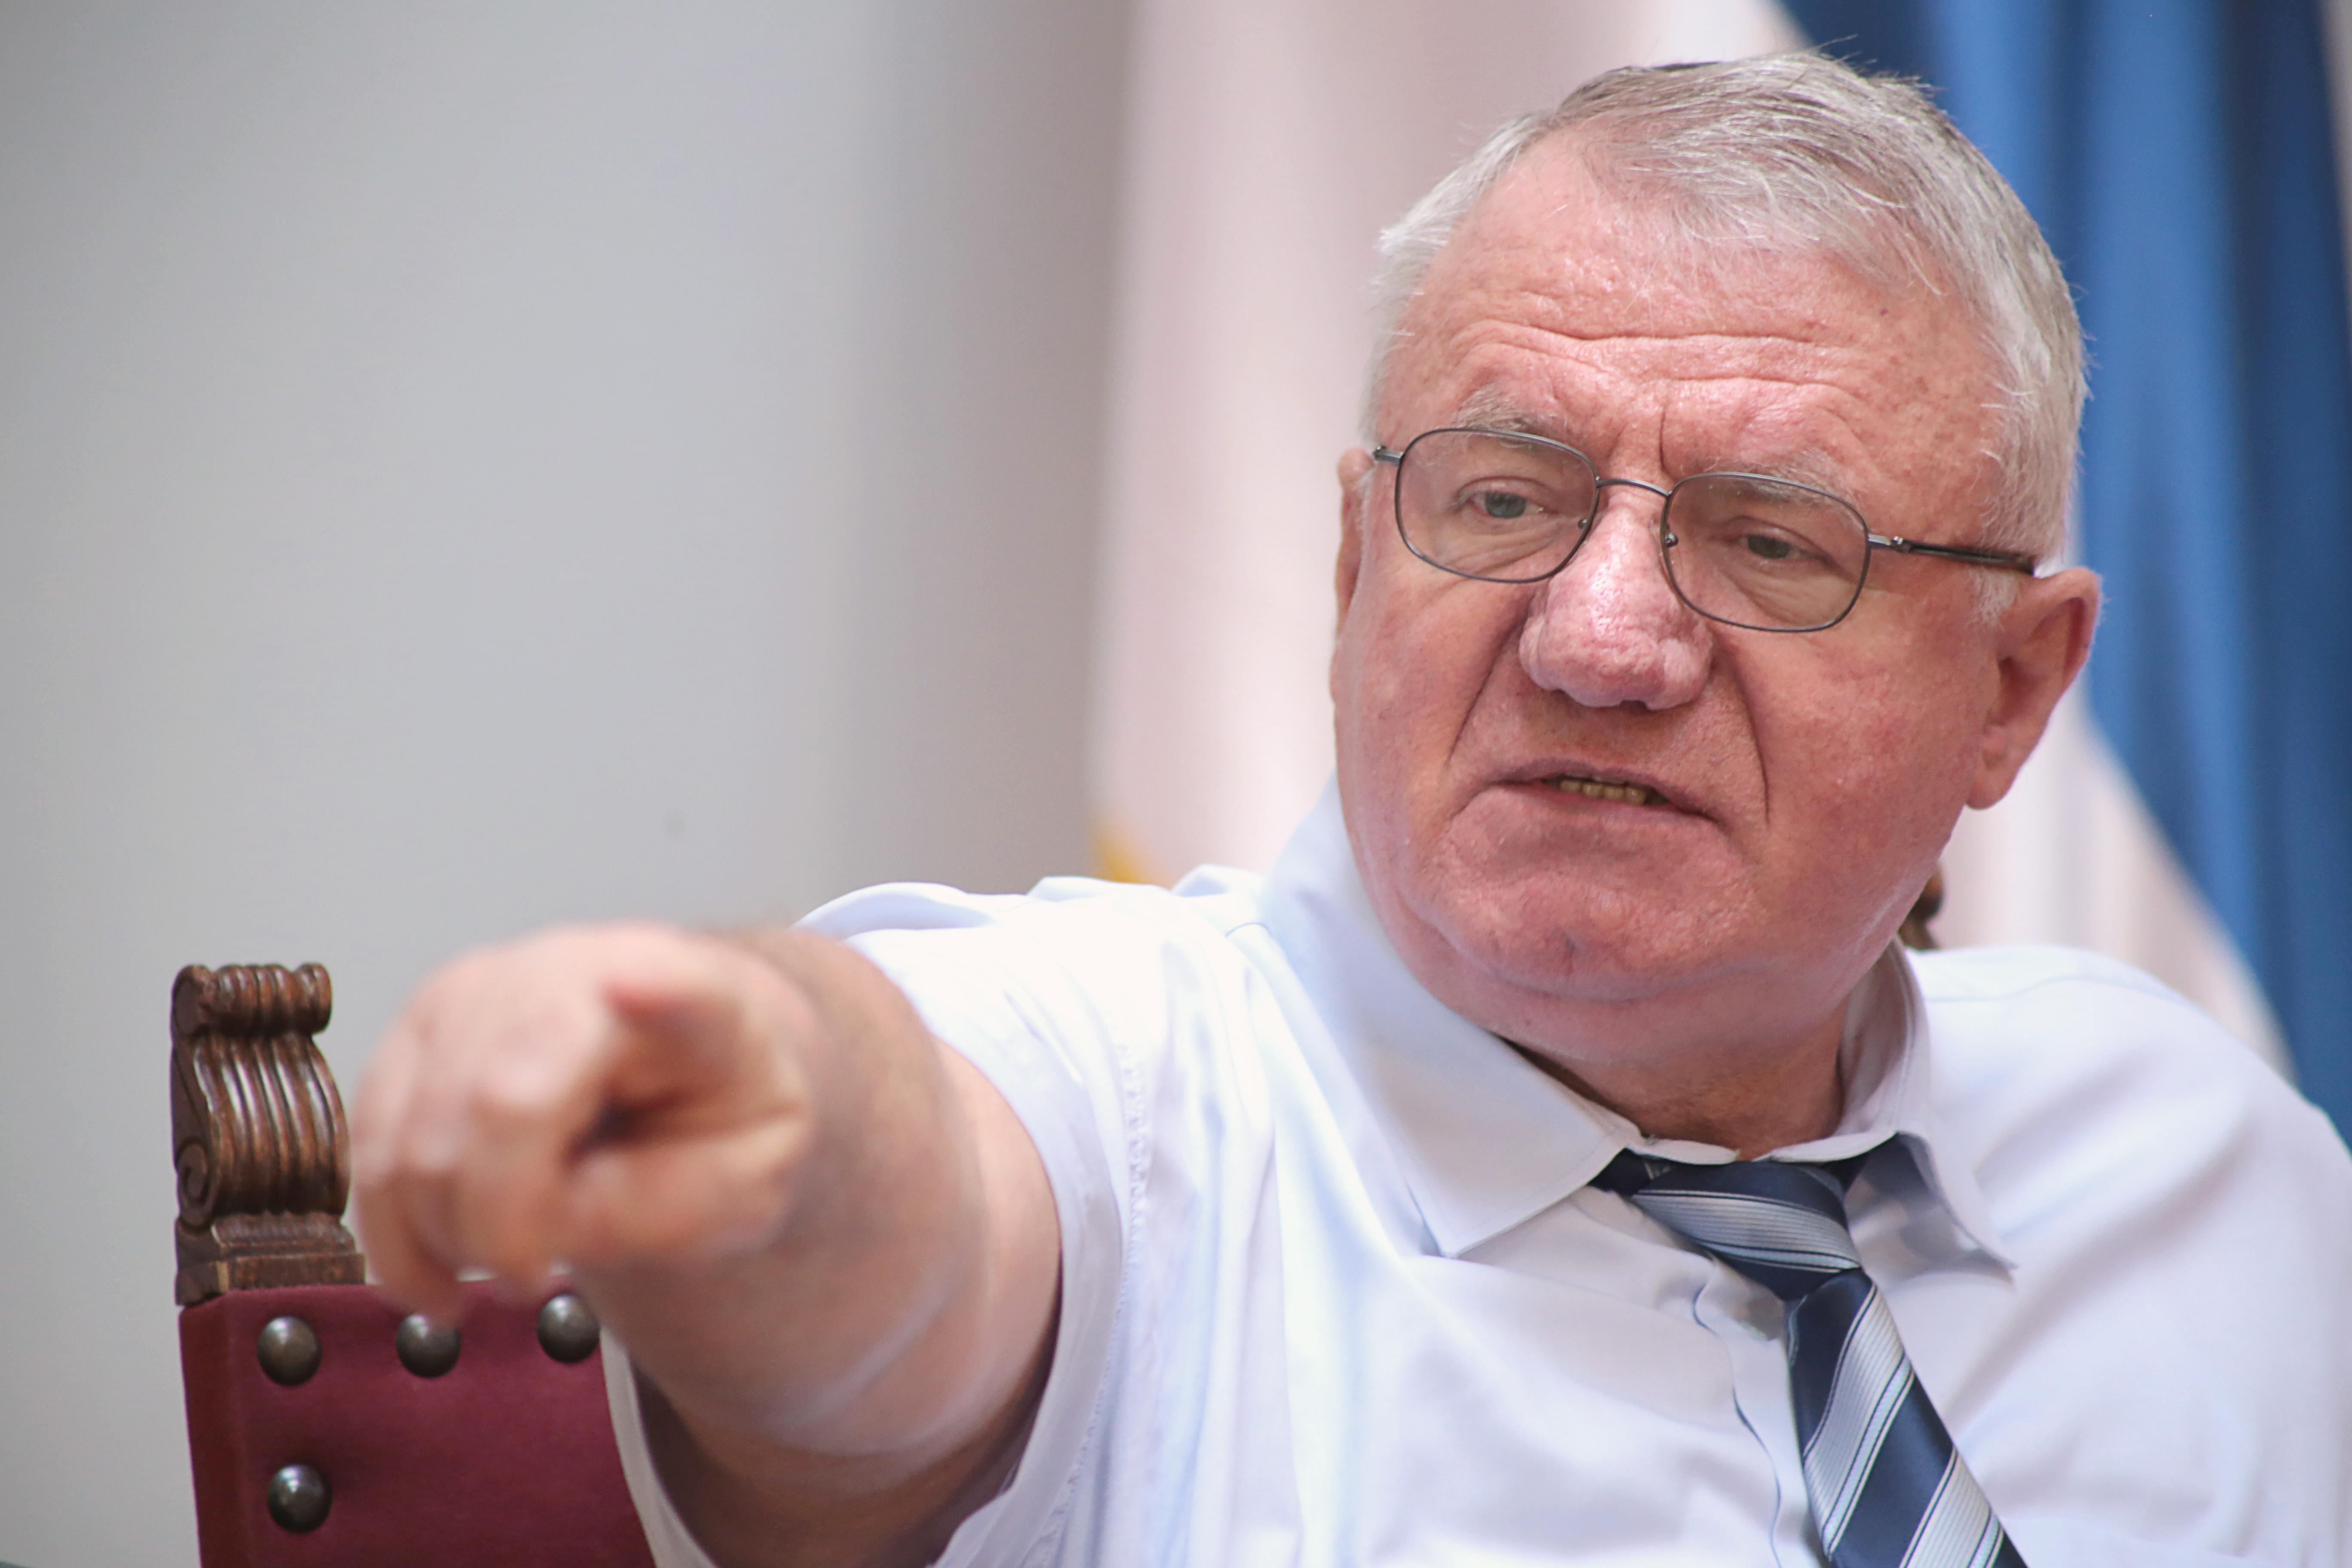 Др Шешељ: Одржаћемо скуп у Хртковцима упркос најавама да ће бити забрањен!